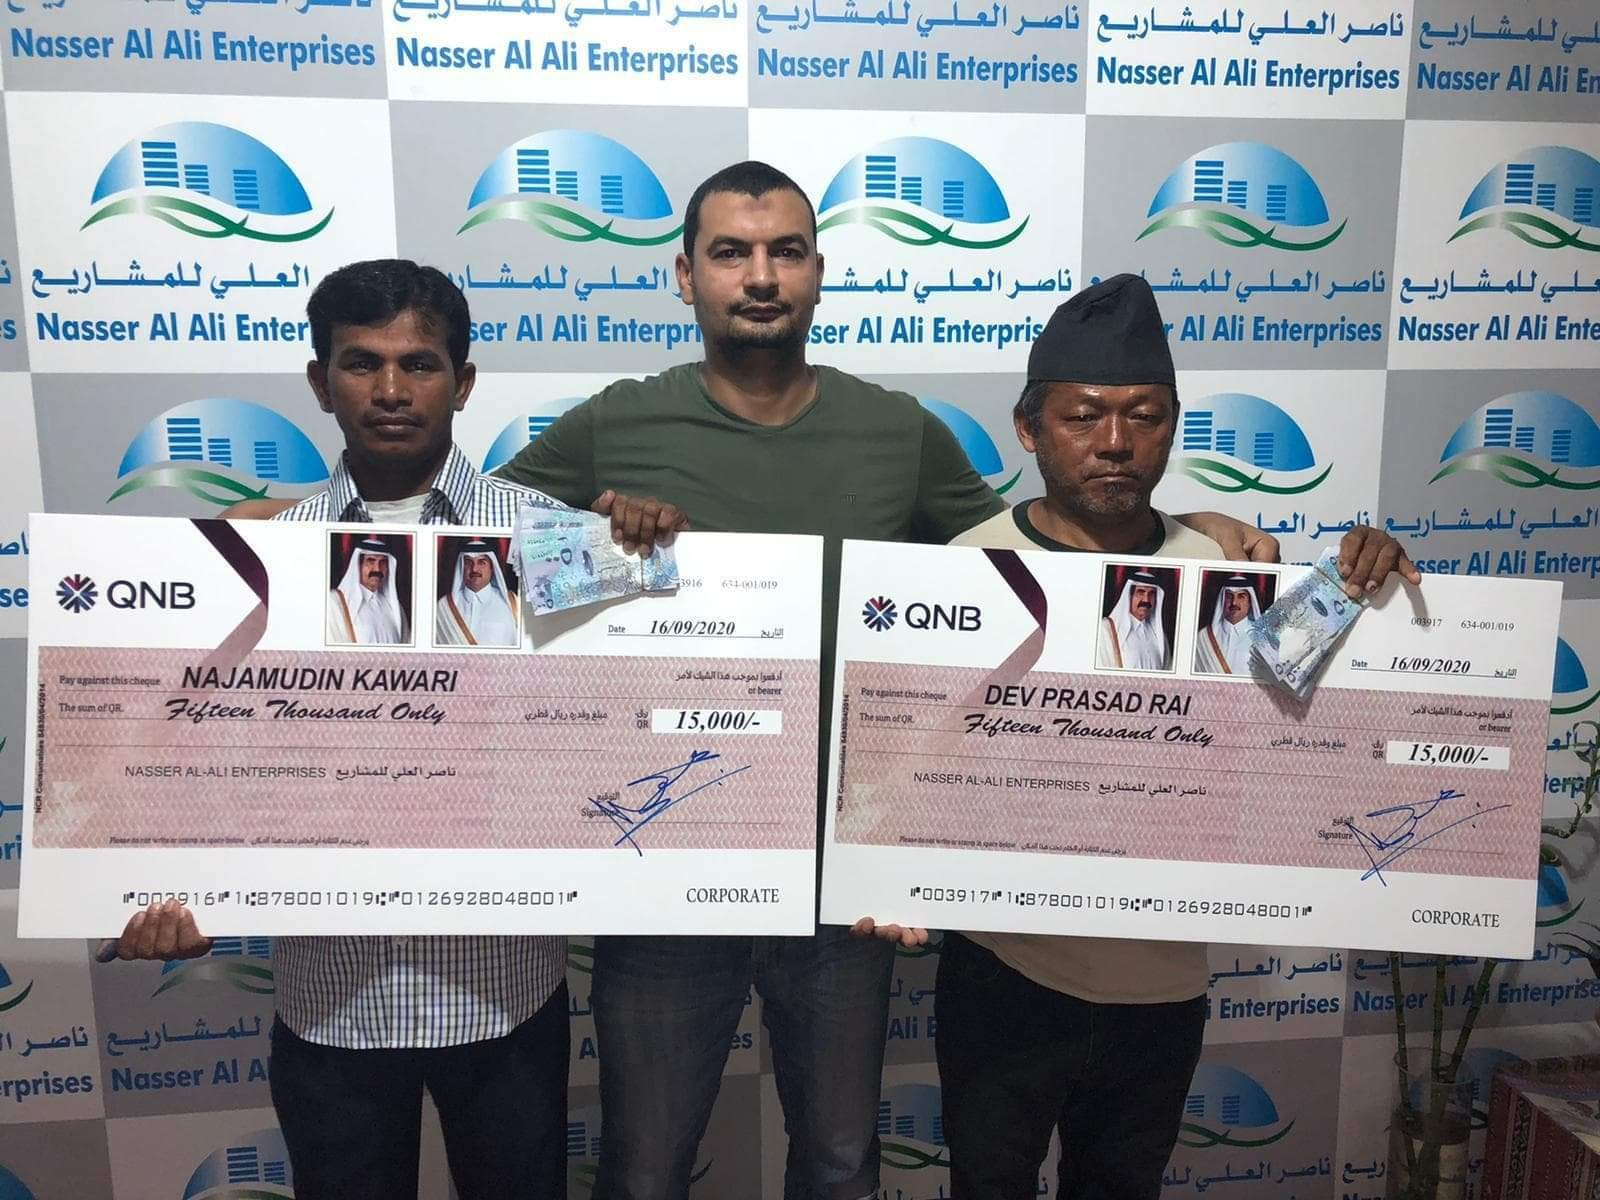 कतारस्थित नासर अलअली कम्पनीद्धारा दुई नेपालीलाई  १५ हजार रीयाल पुरस्कार